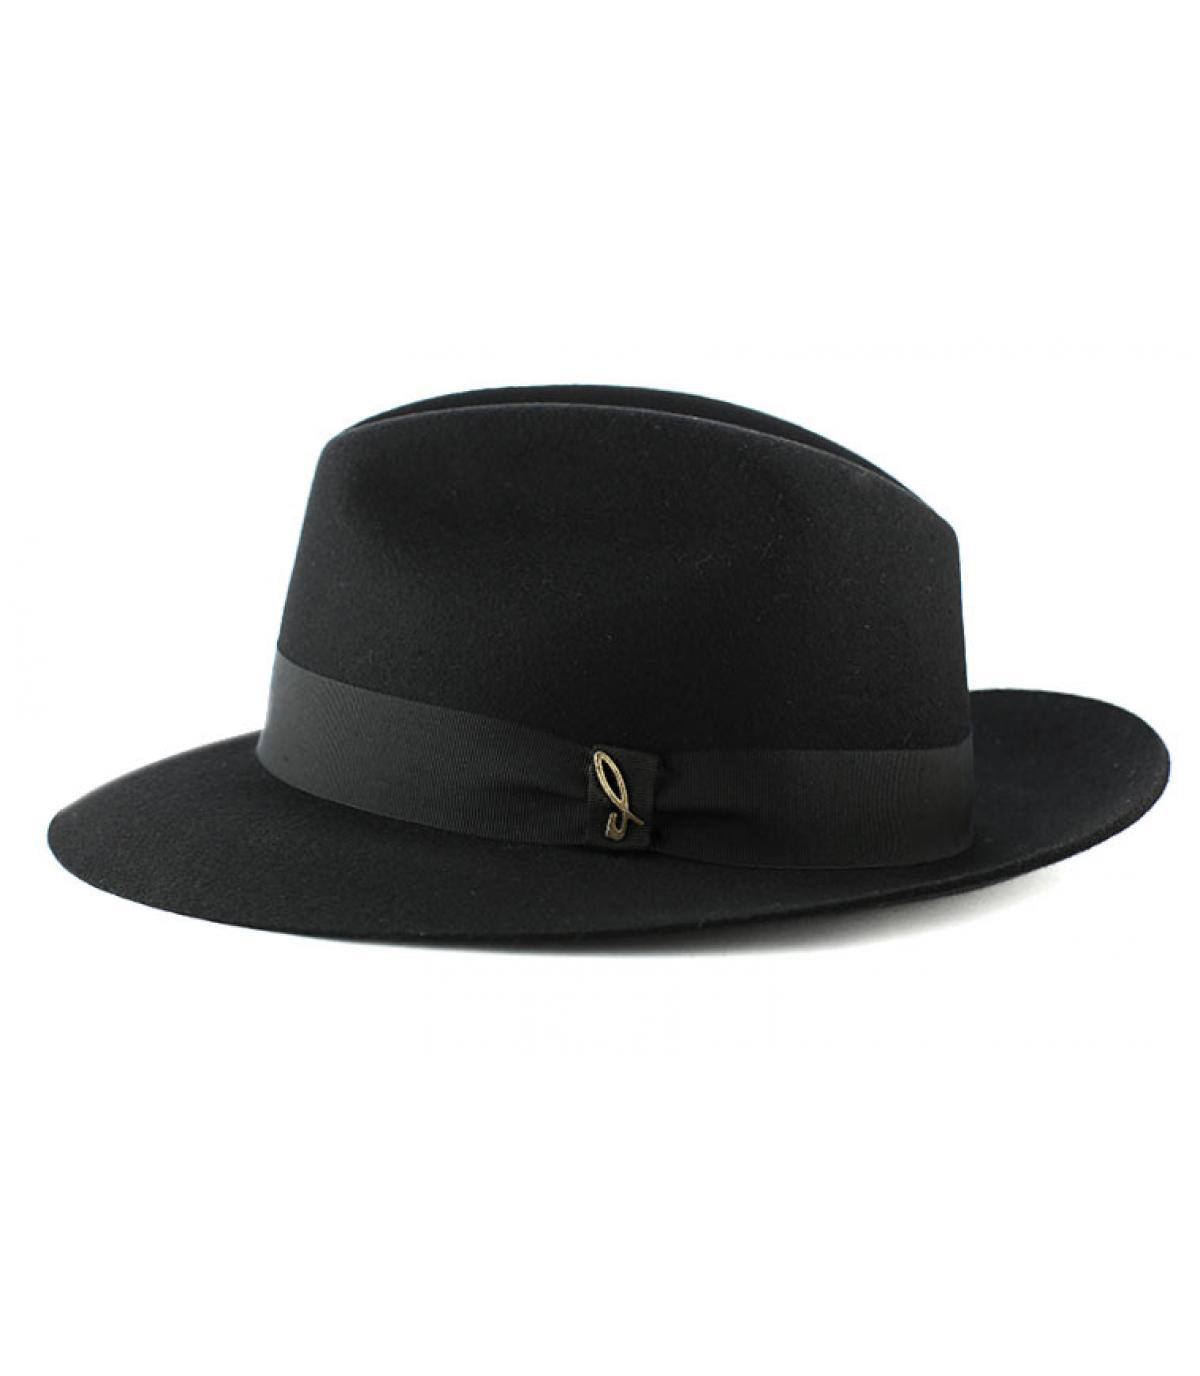 Cappello feutre Doria nero